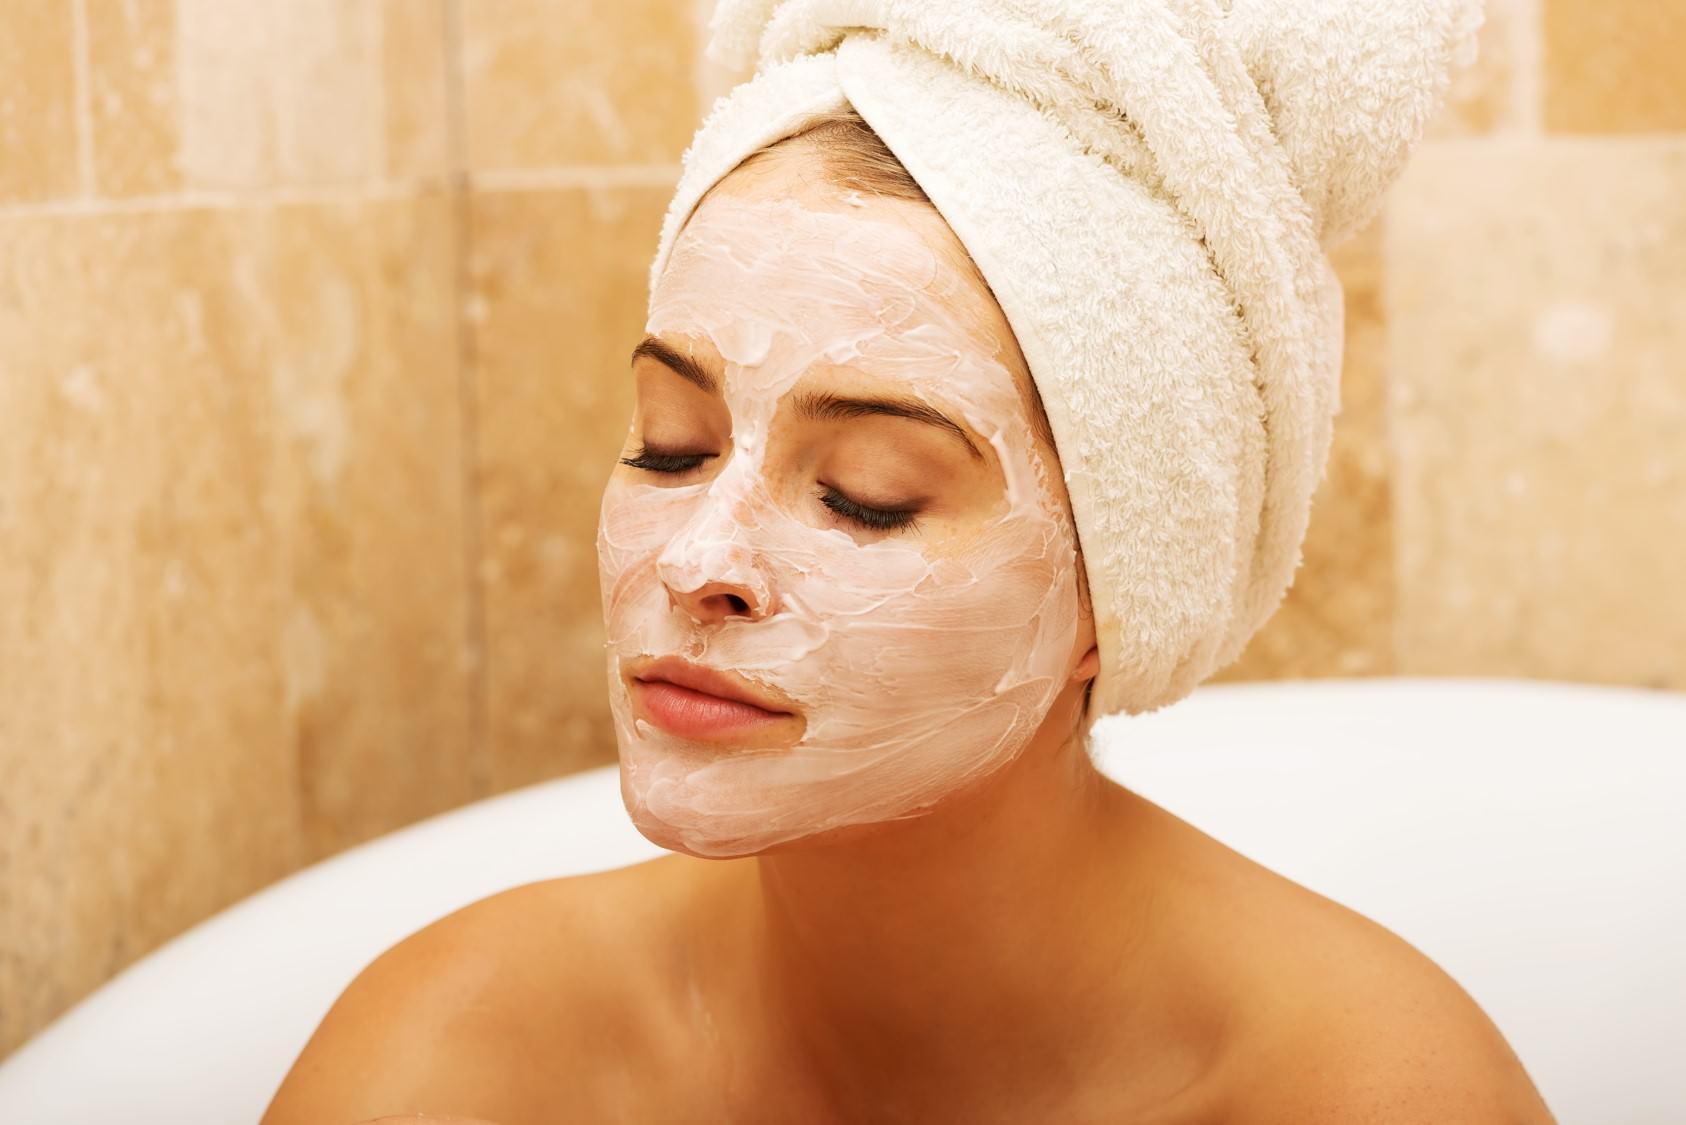 Способ применения и домашние рецепты витаминных масок против морщин.